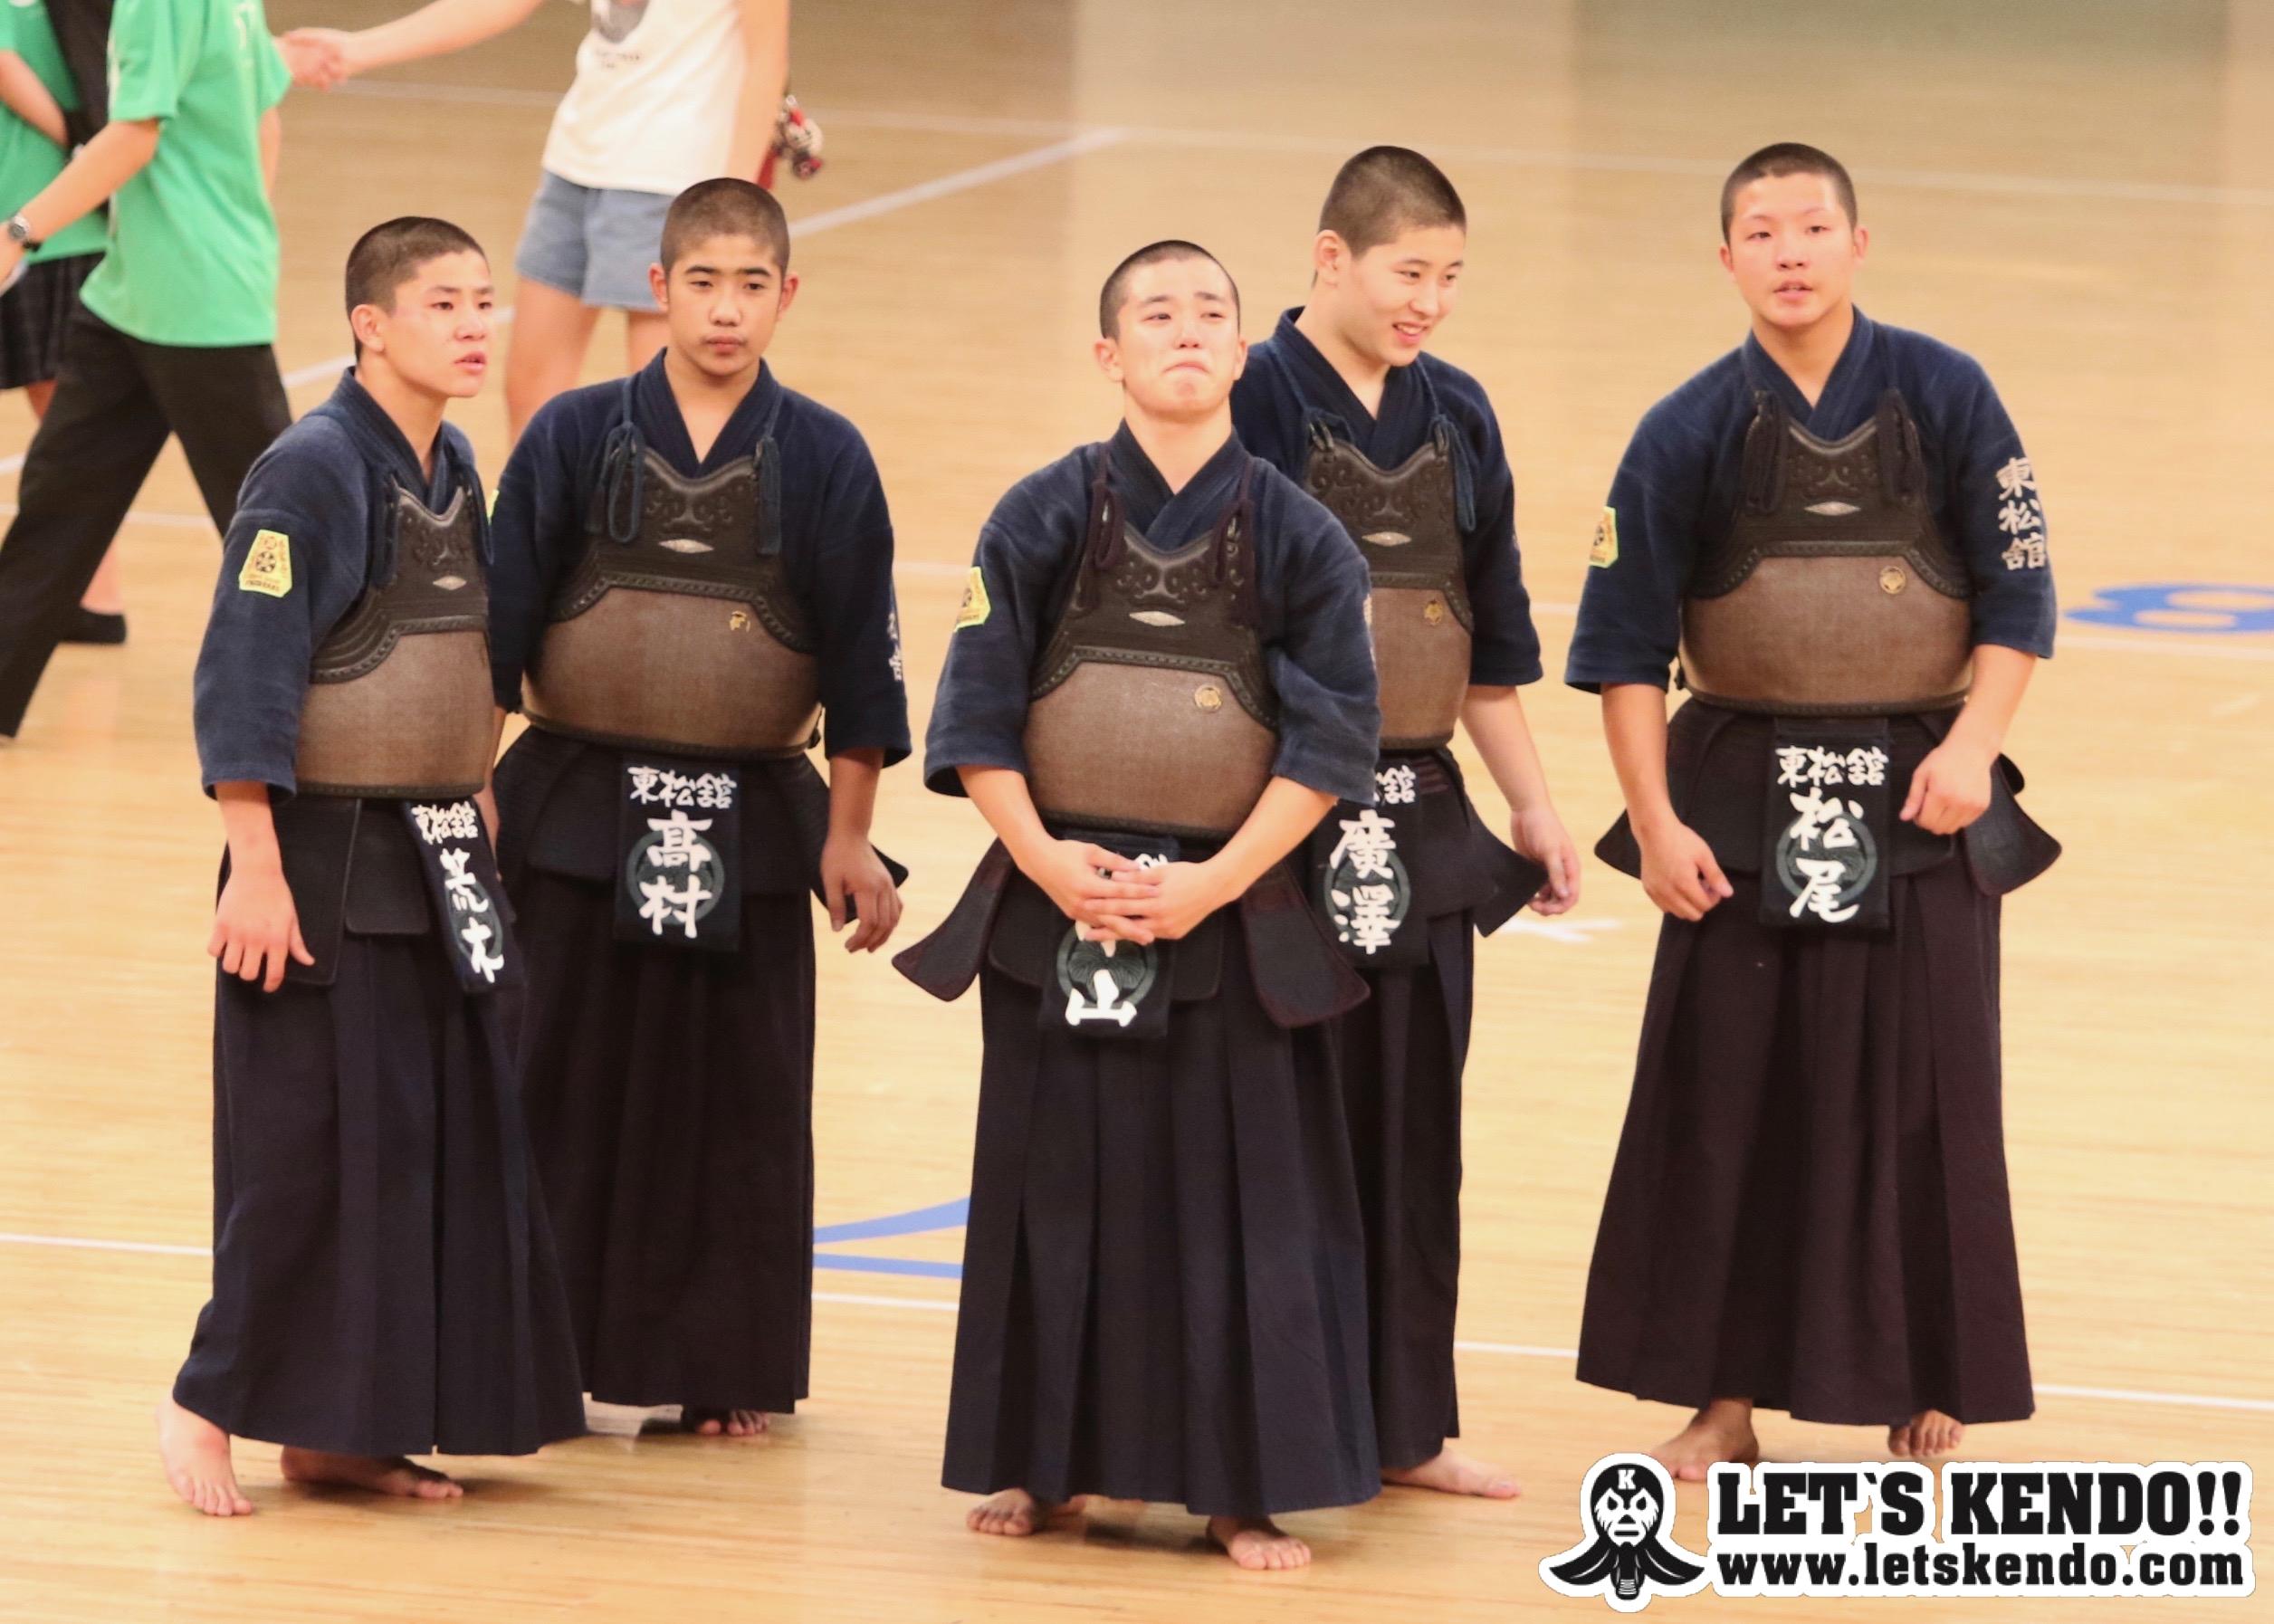 【速報!】7/24〜25 第53回全国道場少年剣道大会